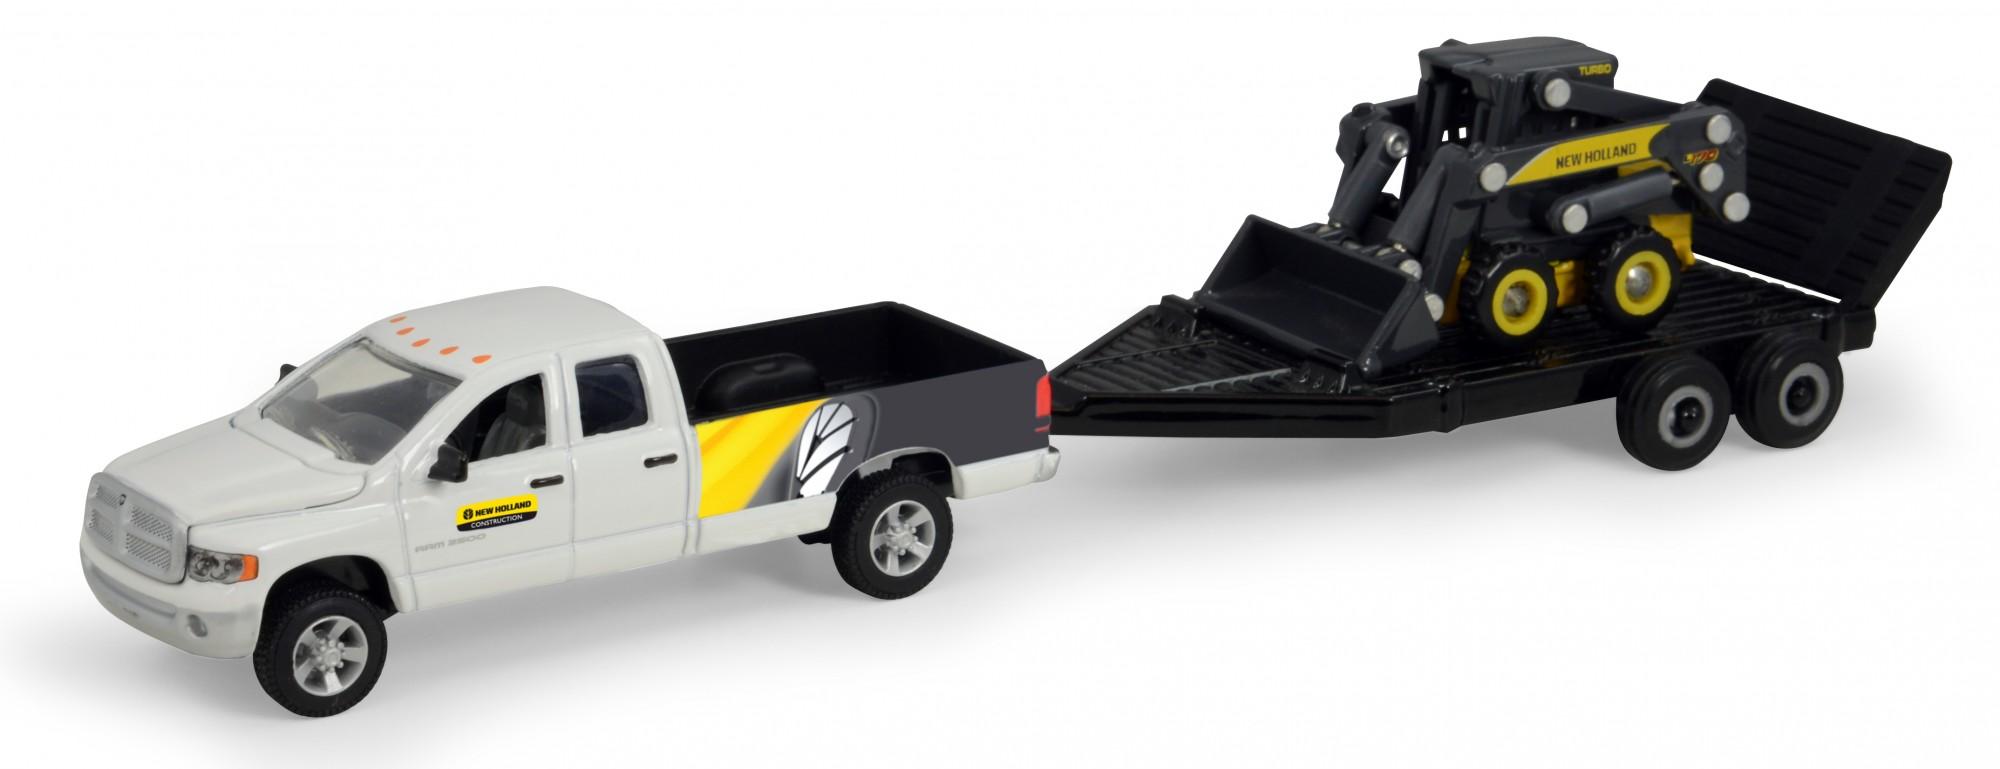 L Loader With Dodge Pickup